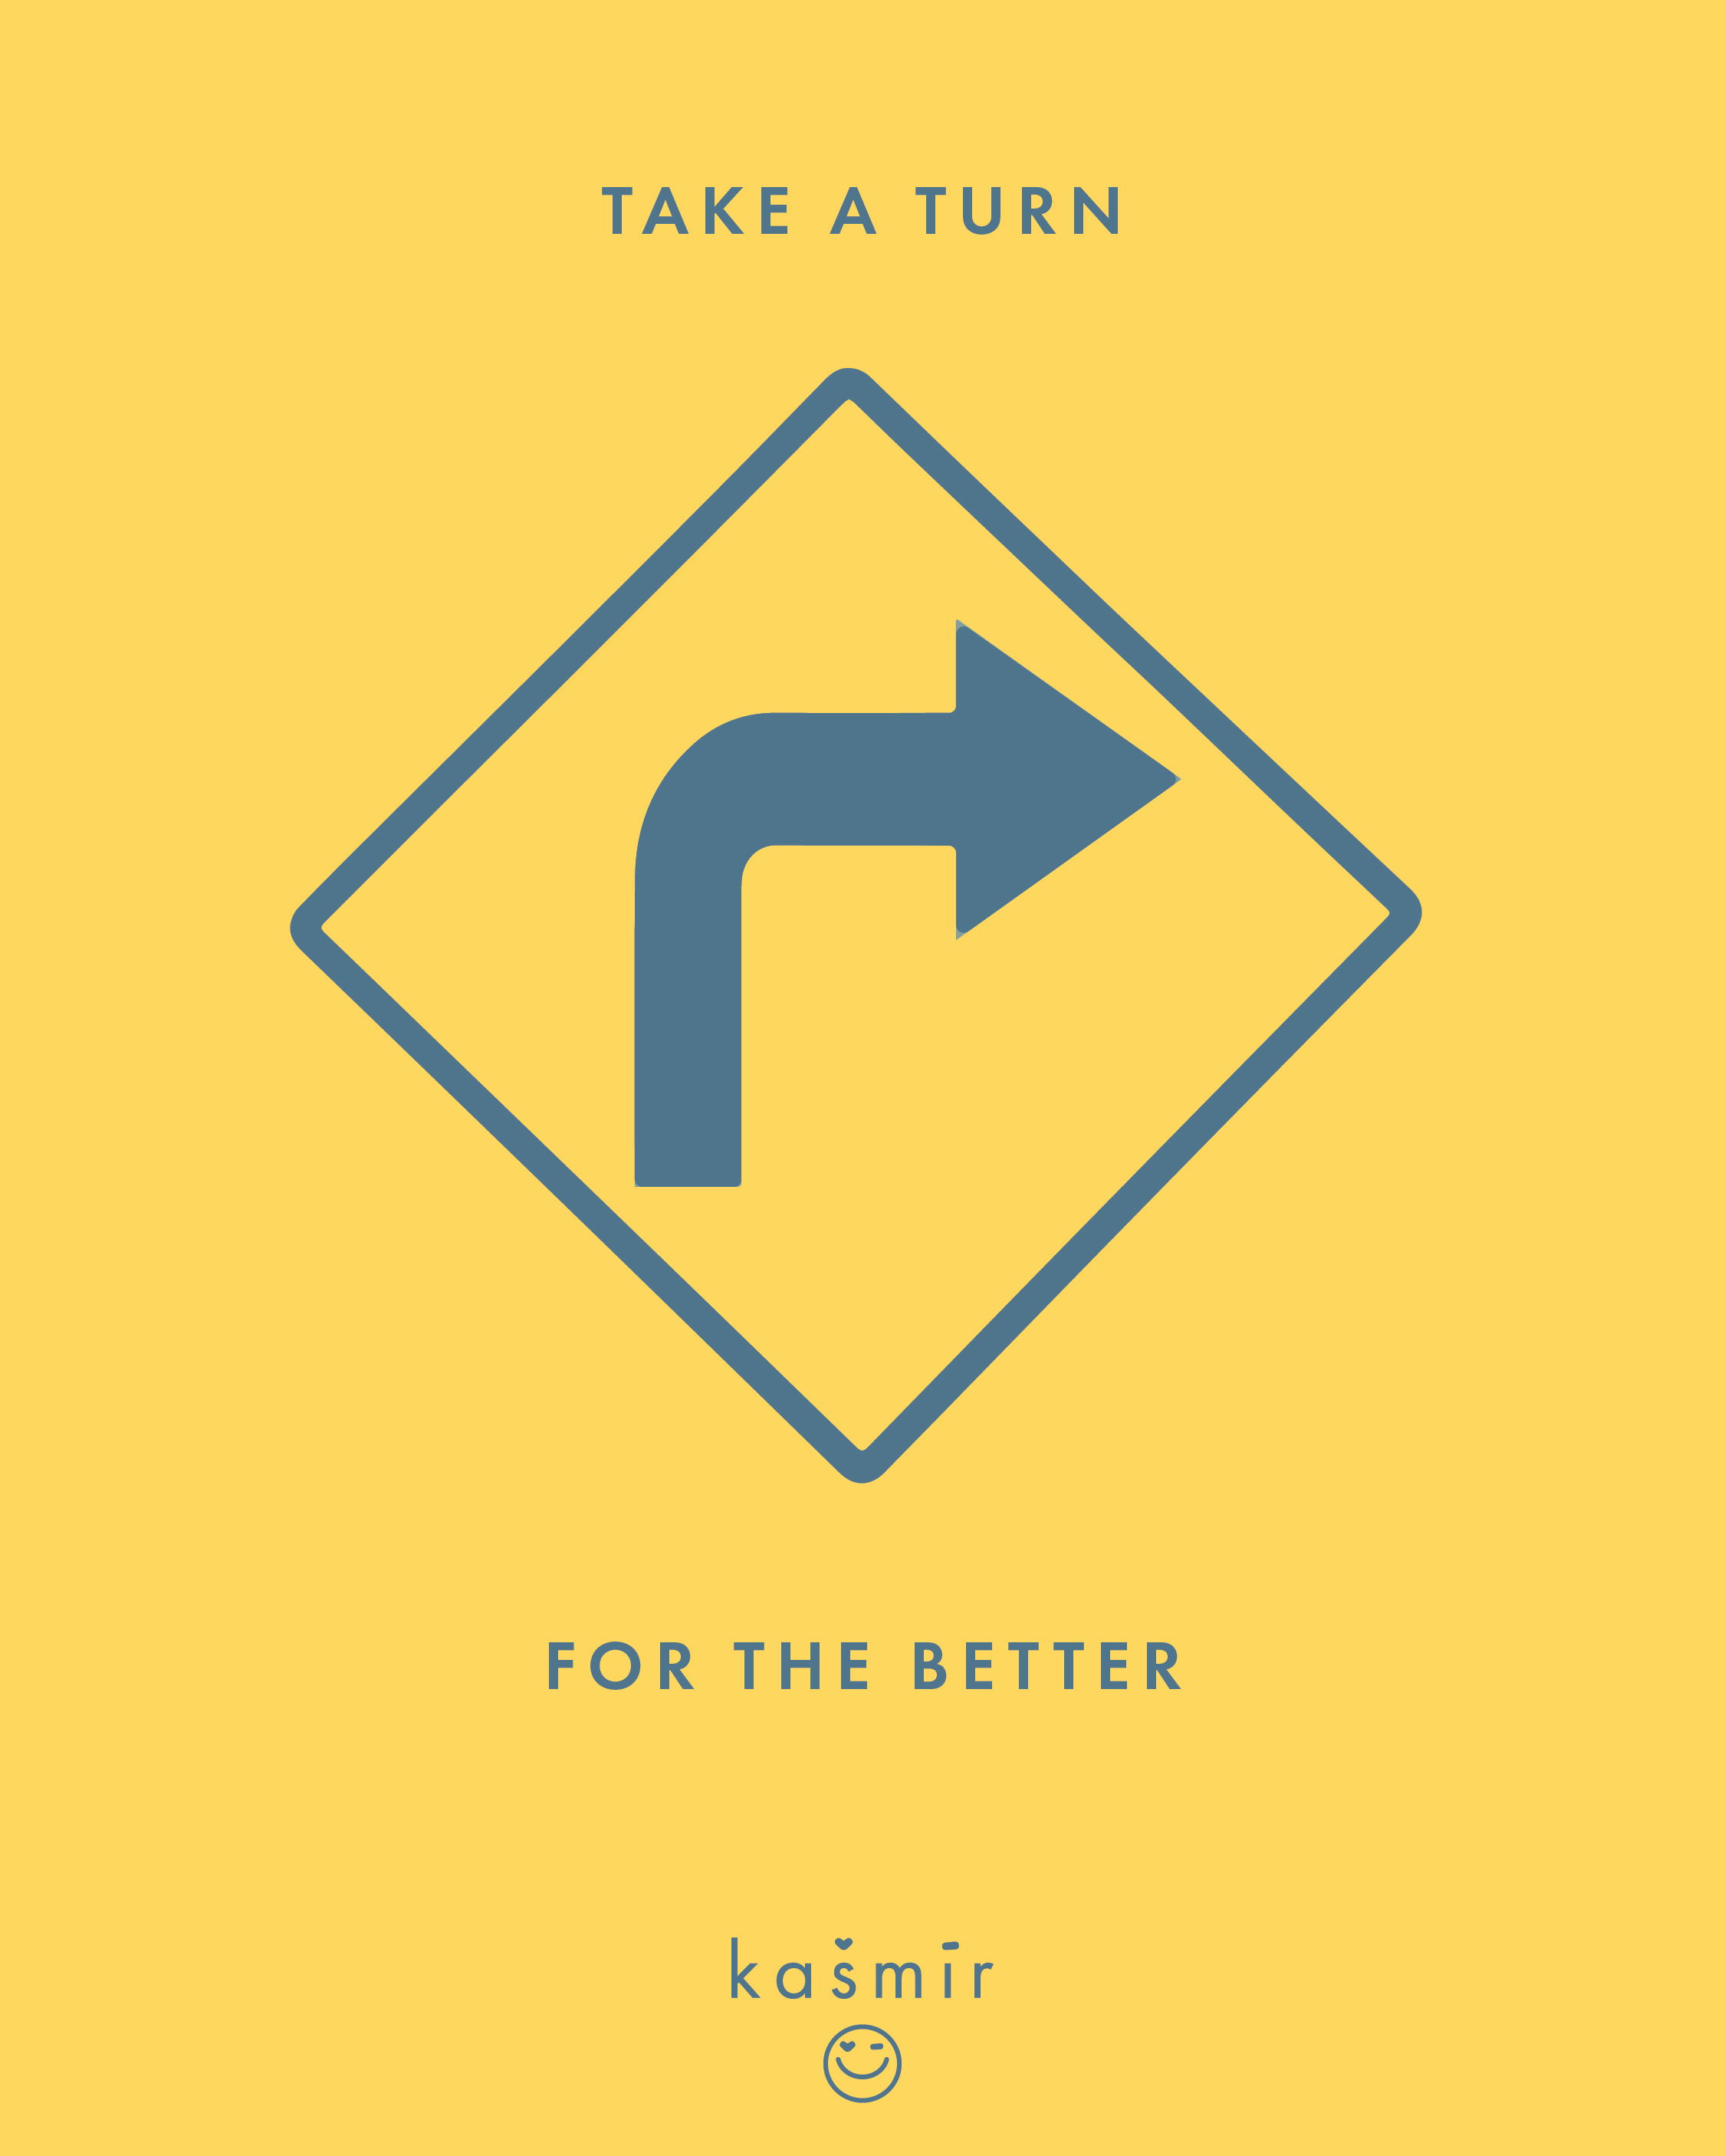 Turn for the Better-01.jpg